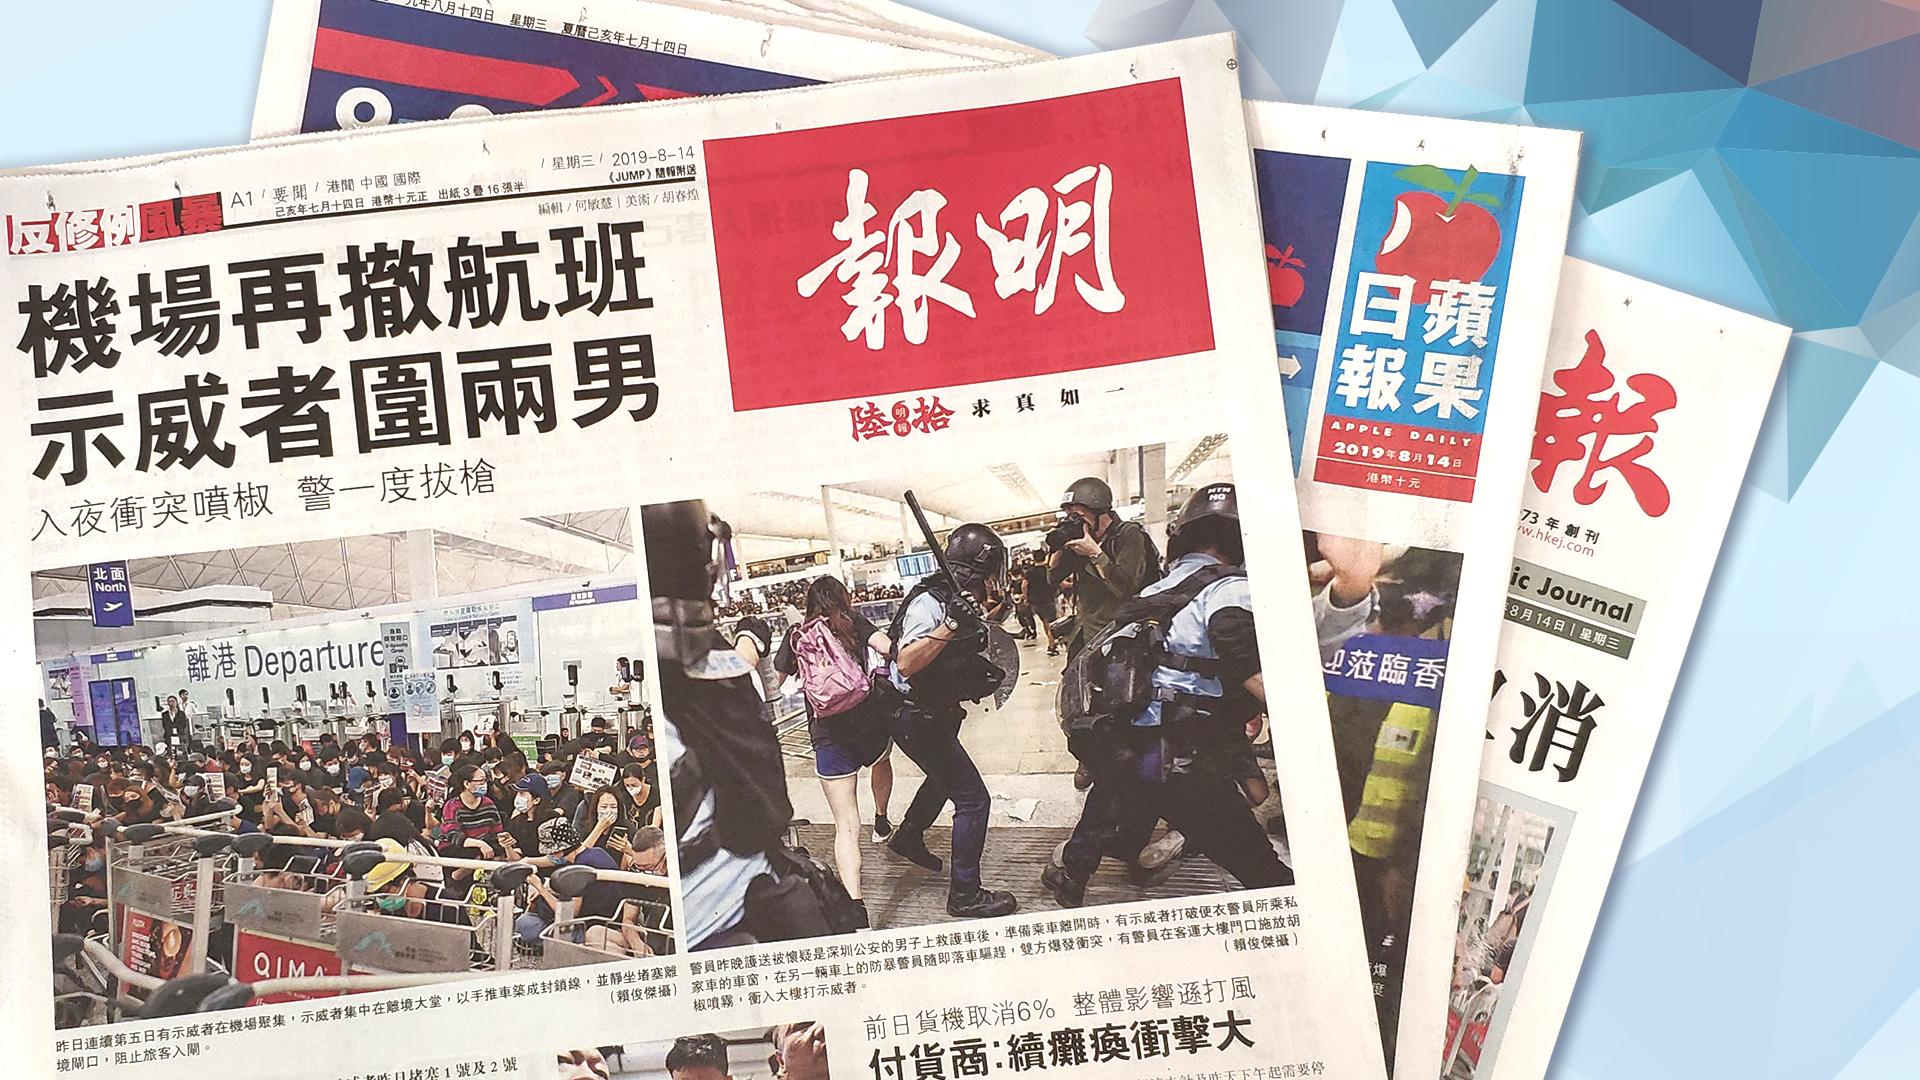 【報章A1速覽】示威者圍兩男 警一度拔槍:機場第二日癱瘓 407航班取消